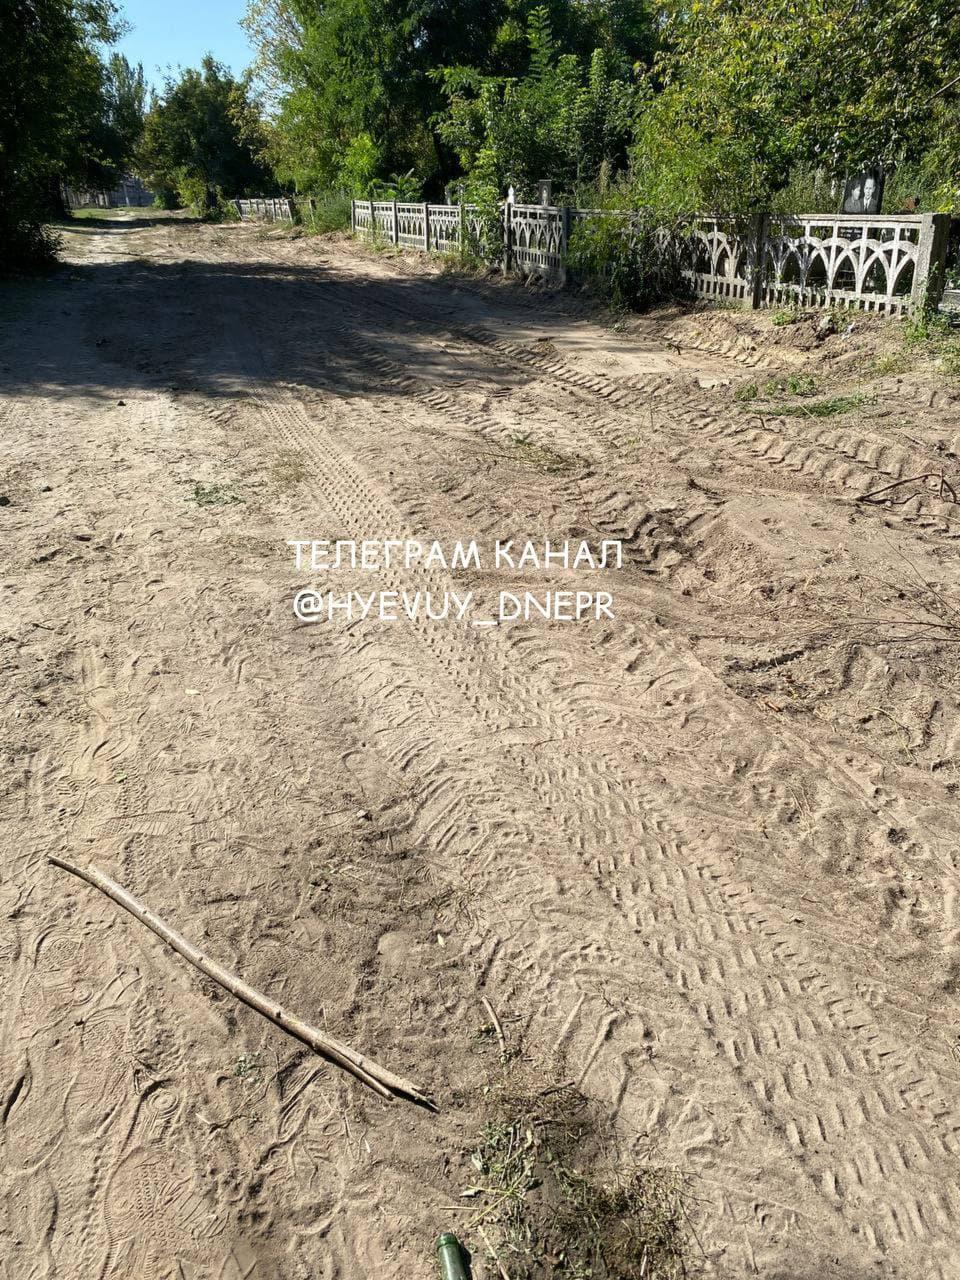 В Днепре разрушили кладбище для домашних животных: части тел выглядят из земли (фото)